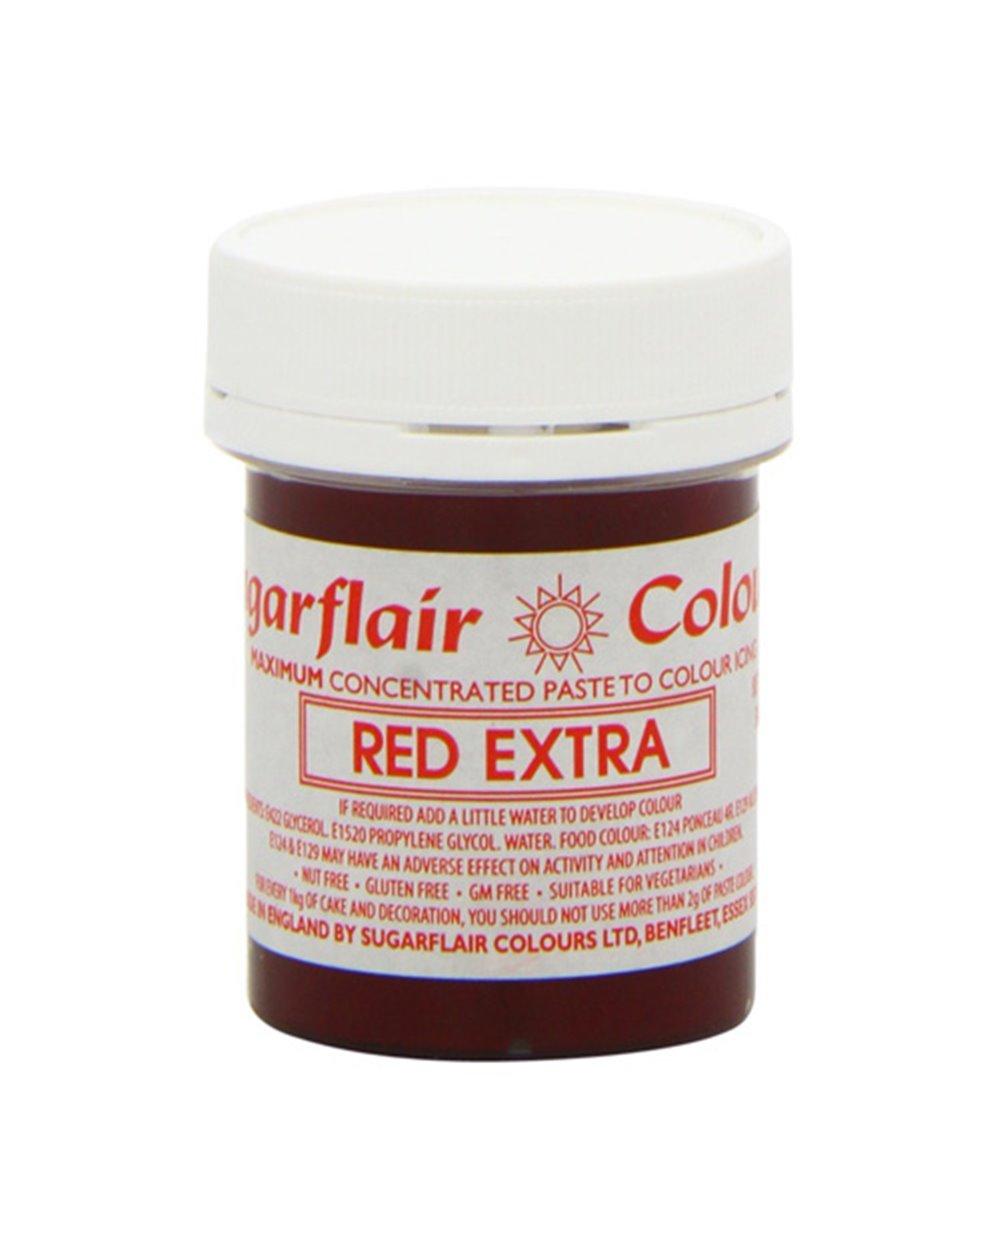 Sugarflair Colorante en Pasta RED EXTRA 42 gr+